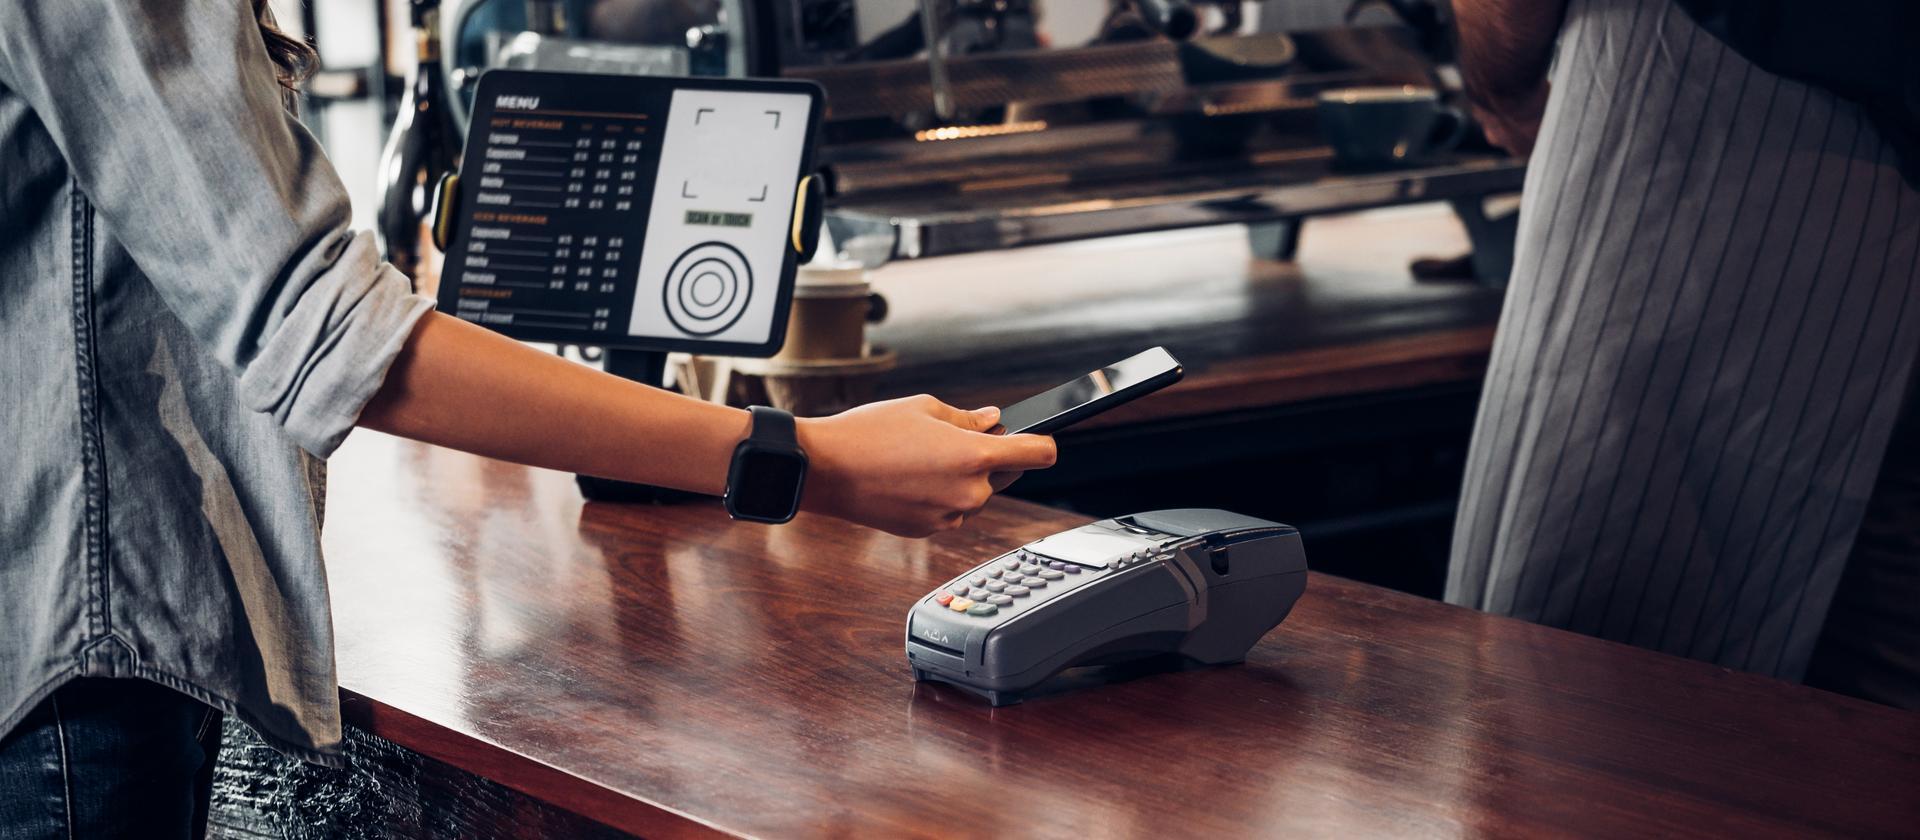 Polska e-płatnościami stoi. Za kilka lat możemy w ogóle nie potrzebować kart